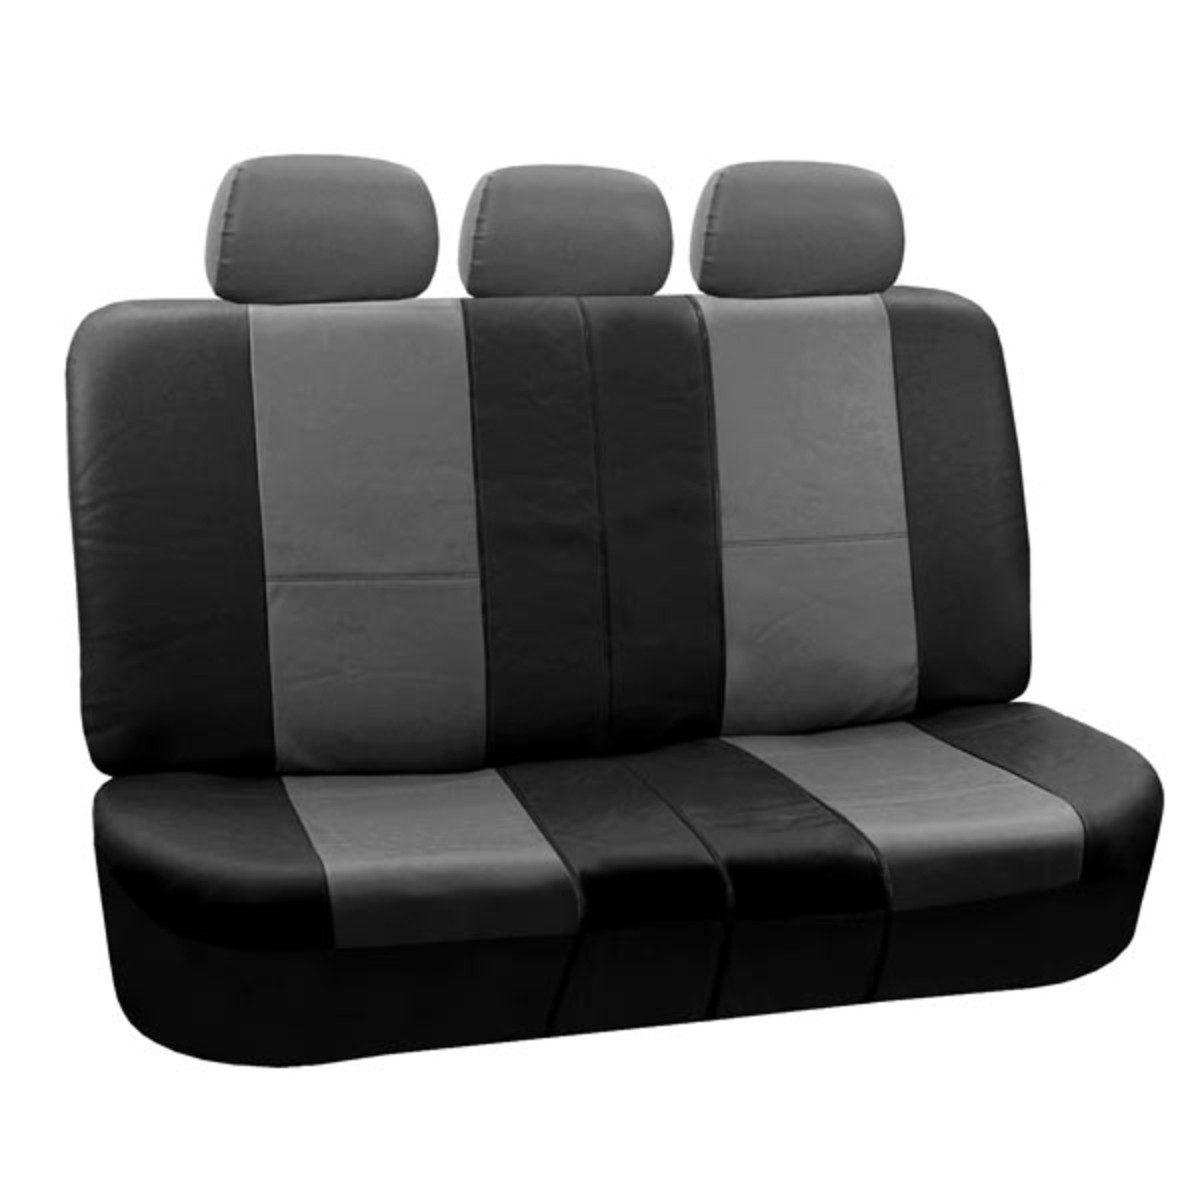 88-PU002013_grayblack seat cover 1